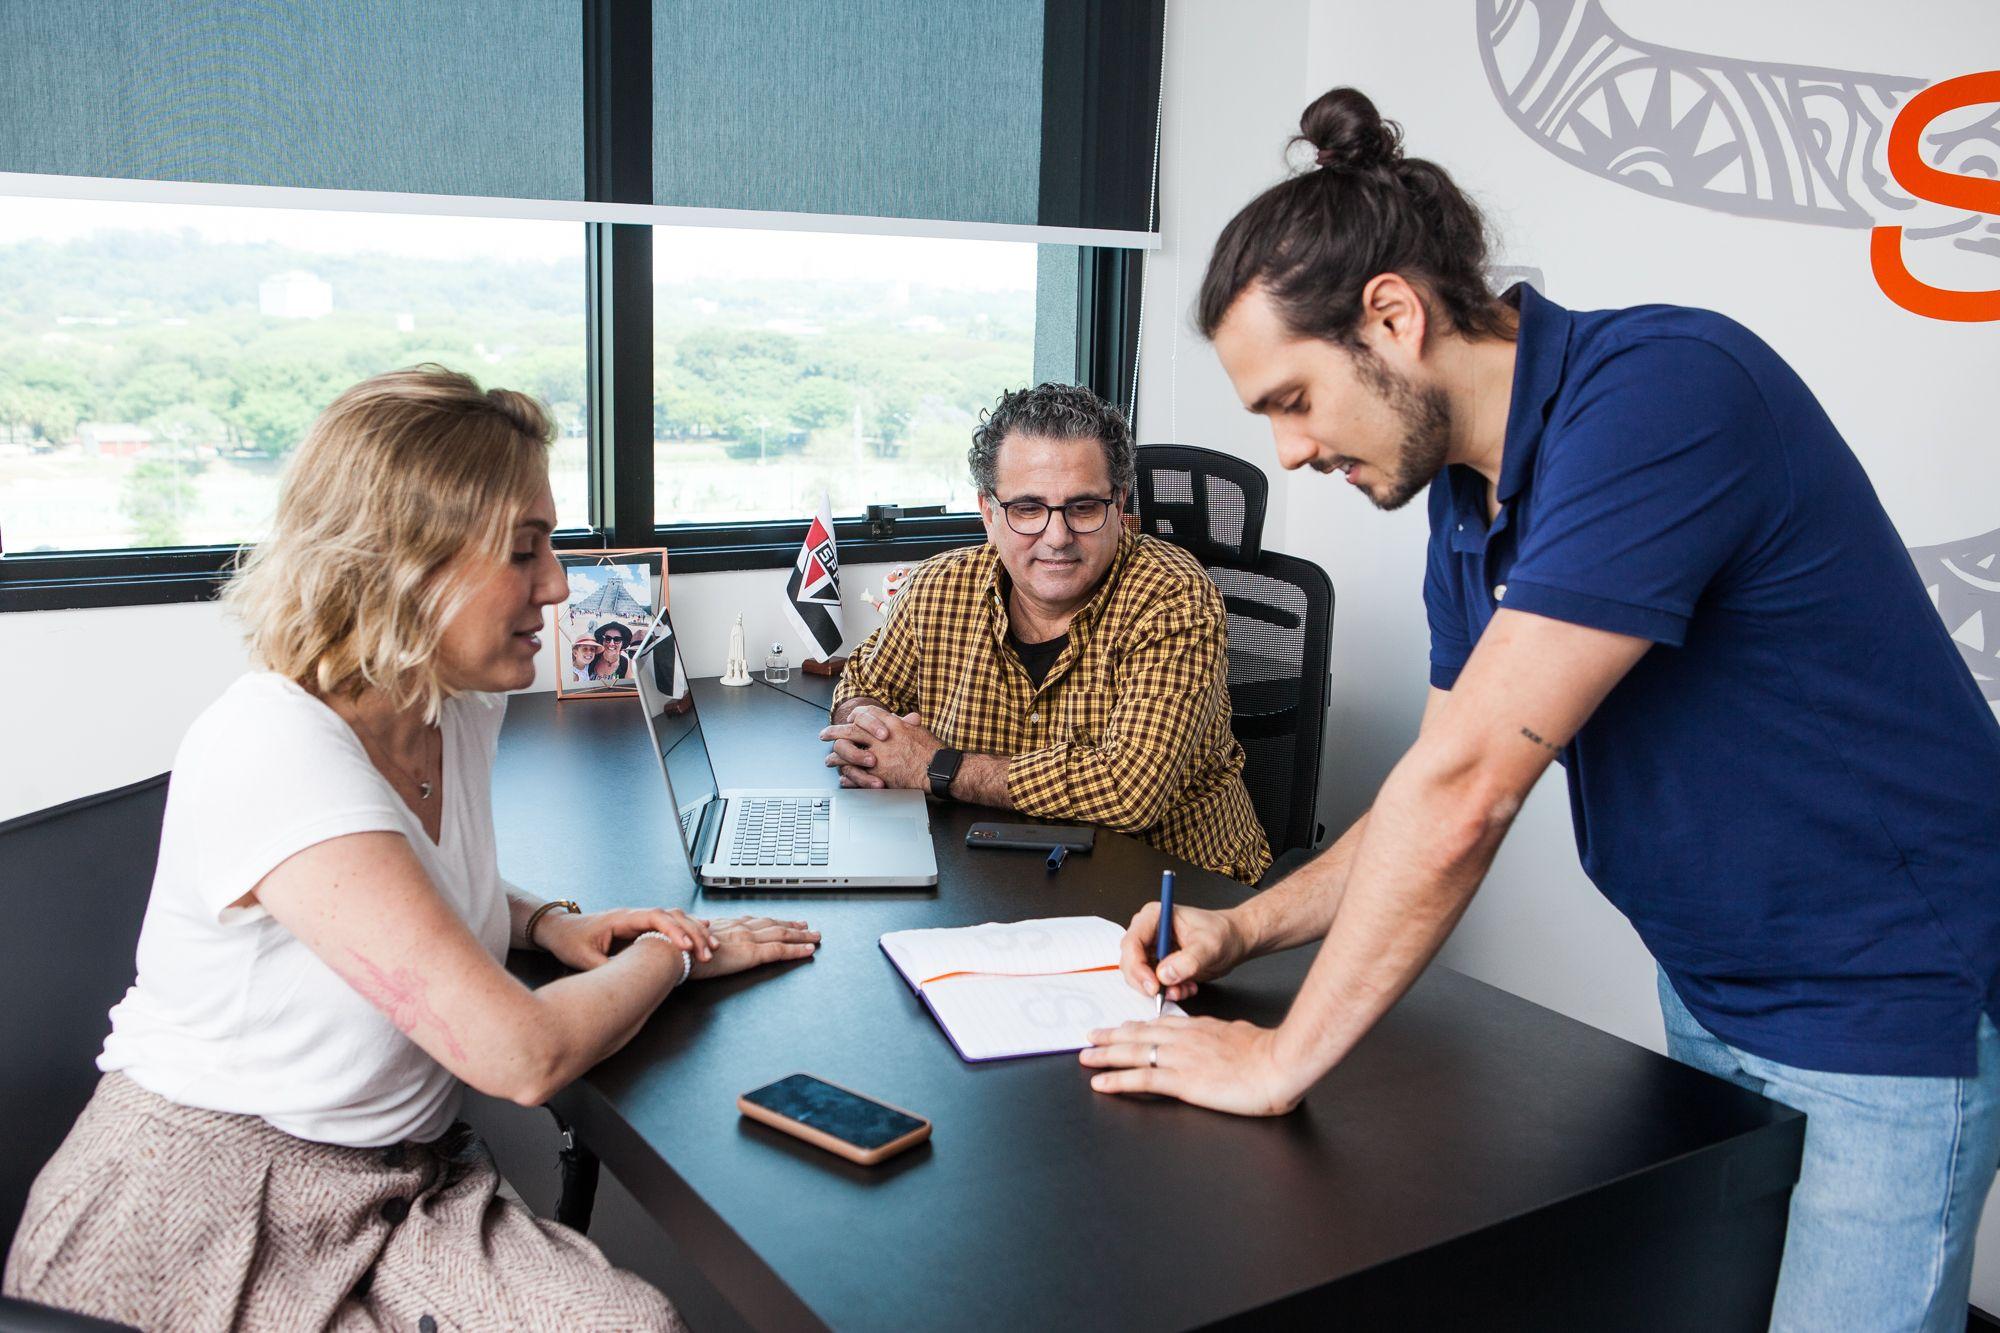 Sevensete auxilia empreendedores a transformarem suas ideias em negócios de sucesso